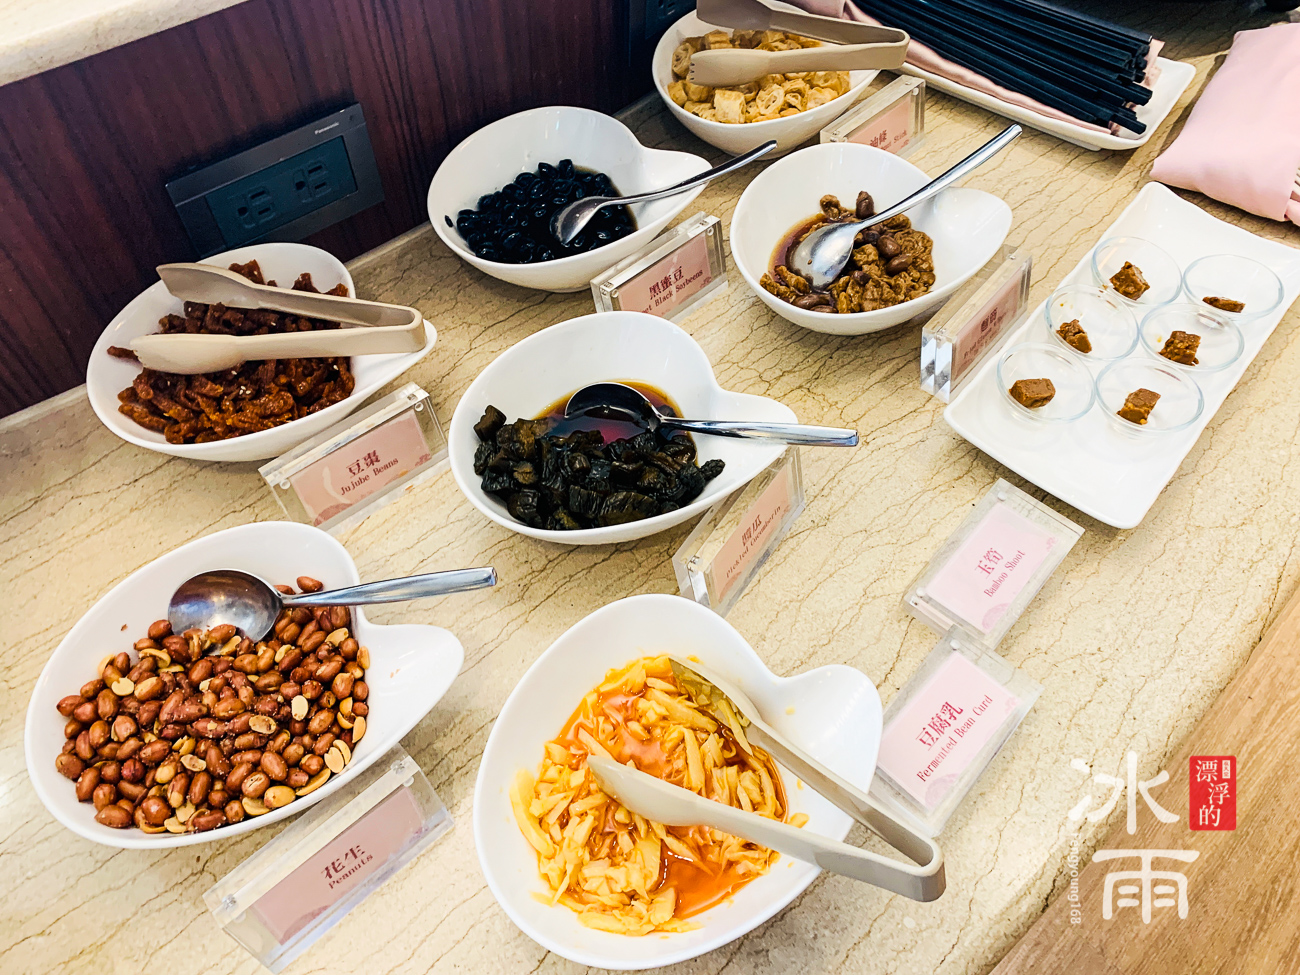 南豐天玥泉 北投館|稀飯佐料